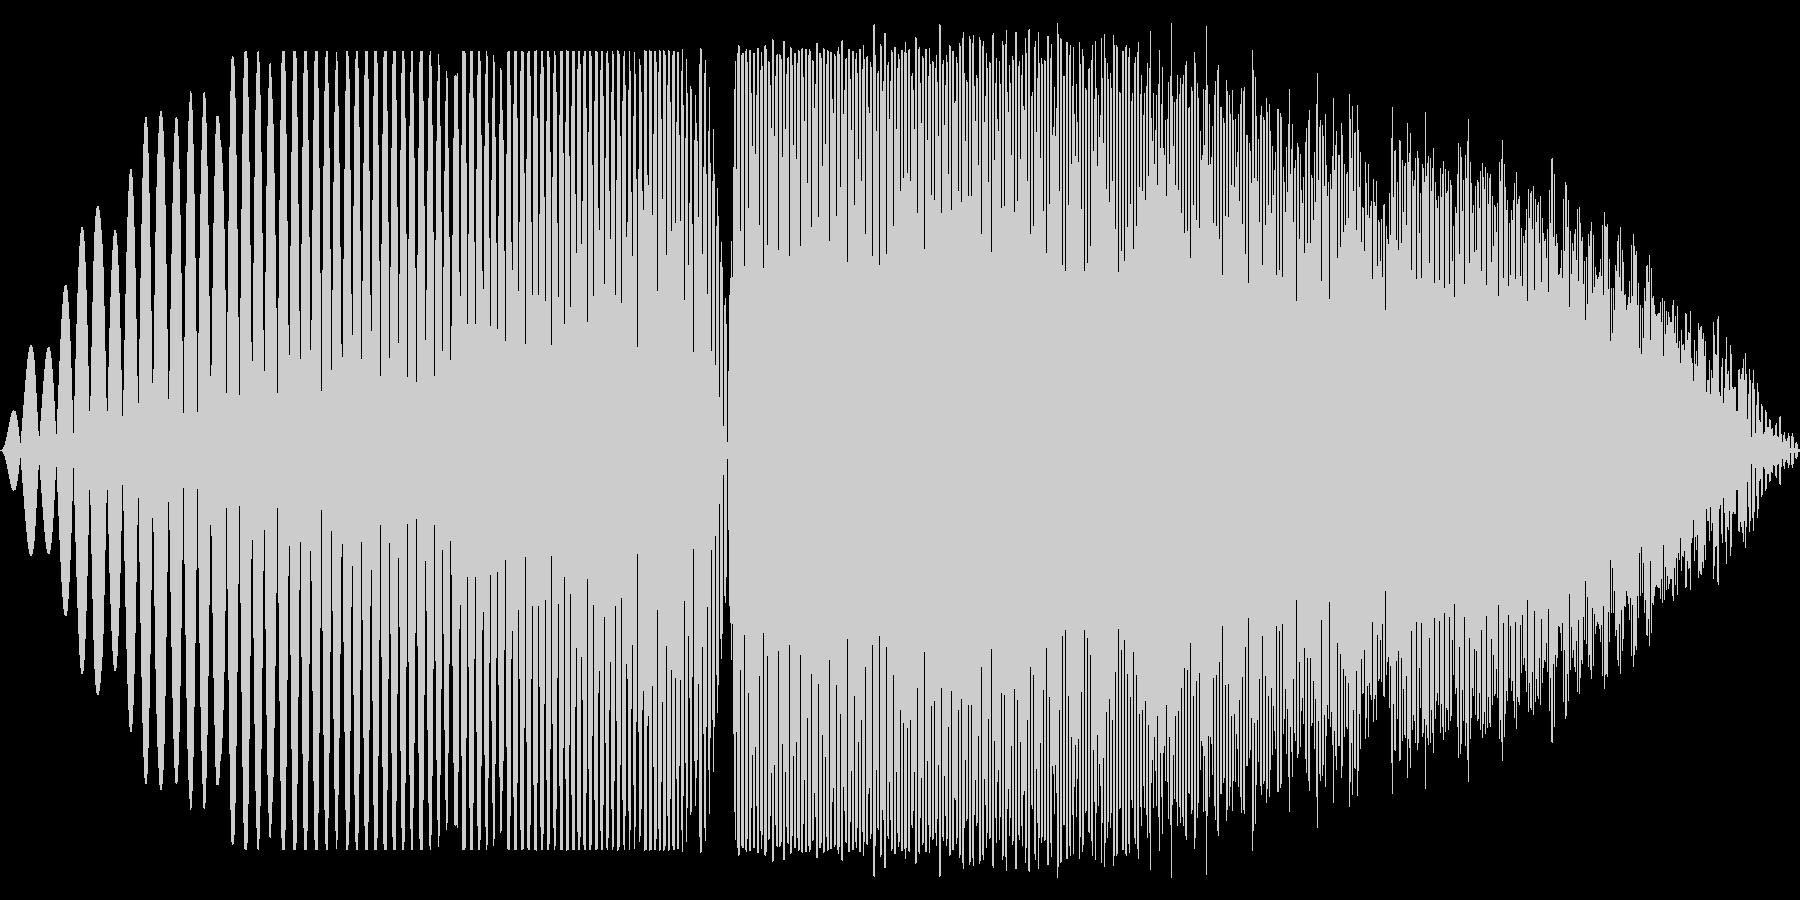 プオオオ(膨らむ音 ちからため)の未再生の波形